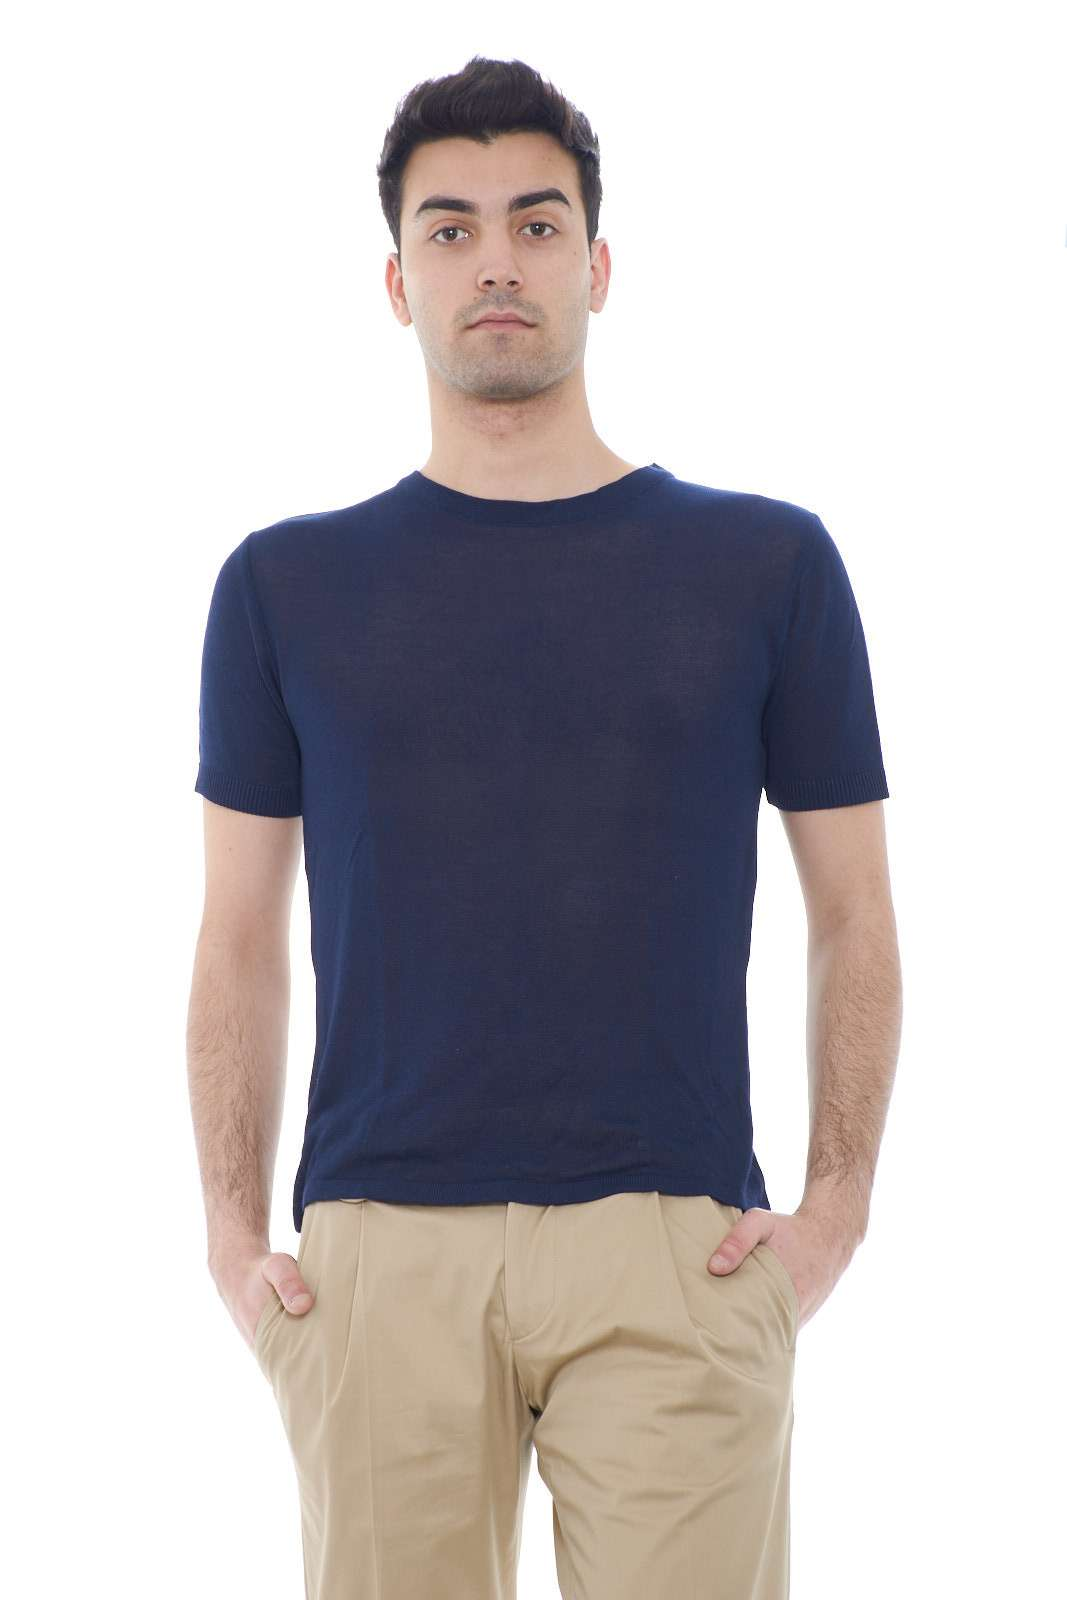 Una maglia dal look vivace, firmata Vandom. Ideale per outfit primaverili, dove con l'effetto rigato, regalerai un tocco estivo e di novità al tuo look. Un capo versatile e trendy.